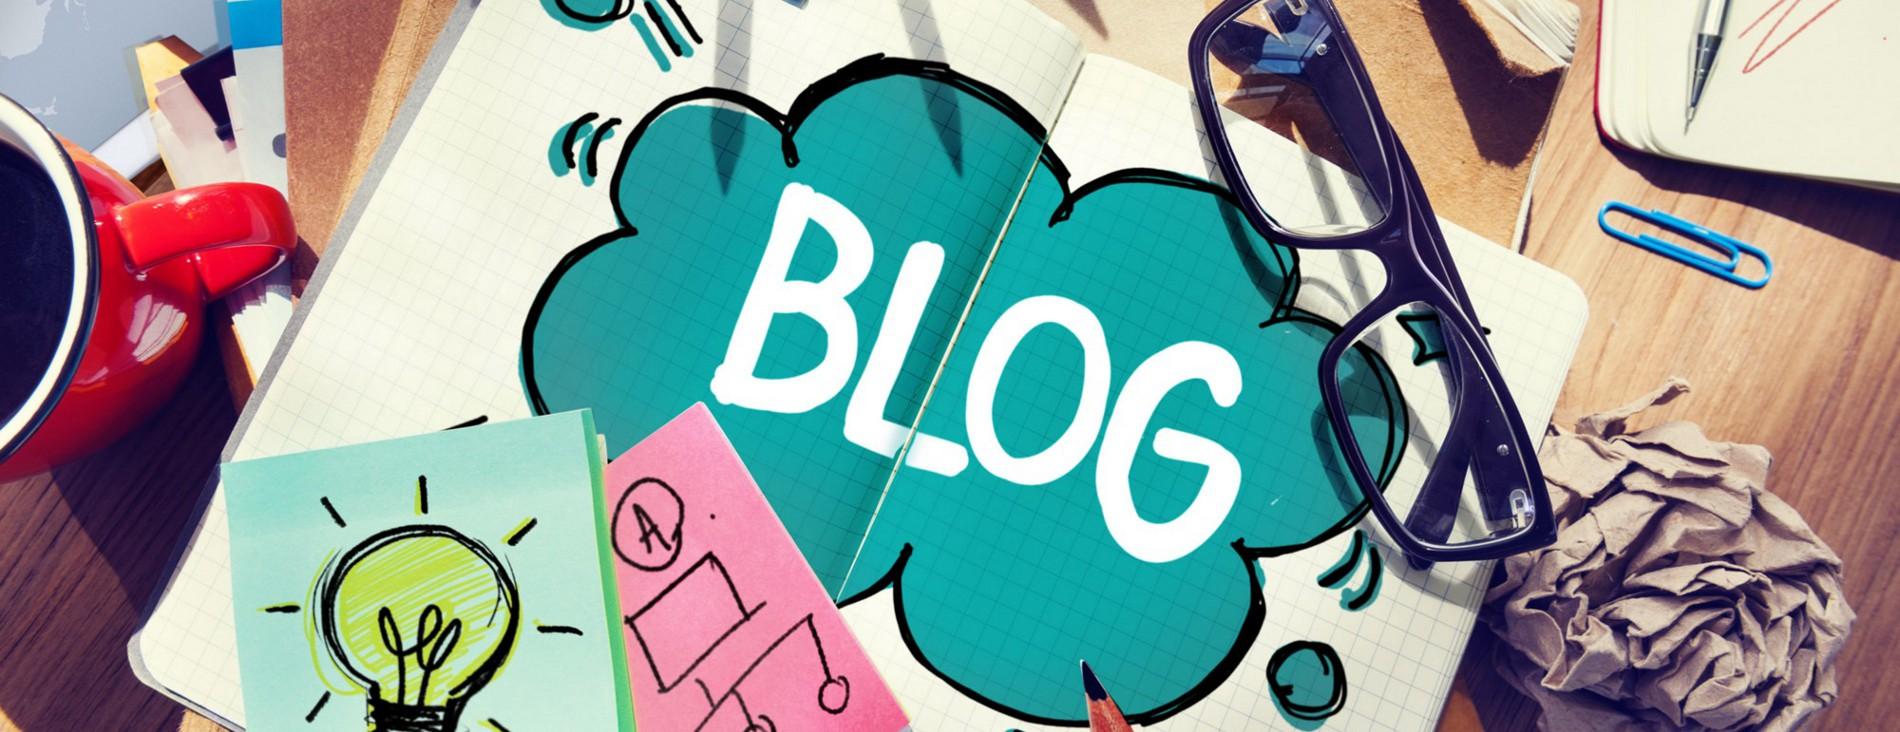 Blog y consultas psicológicas